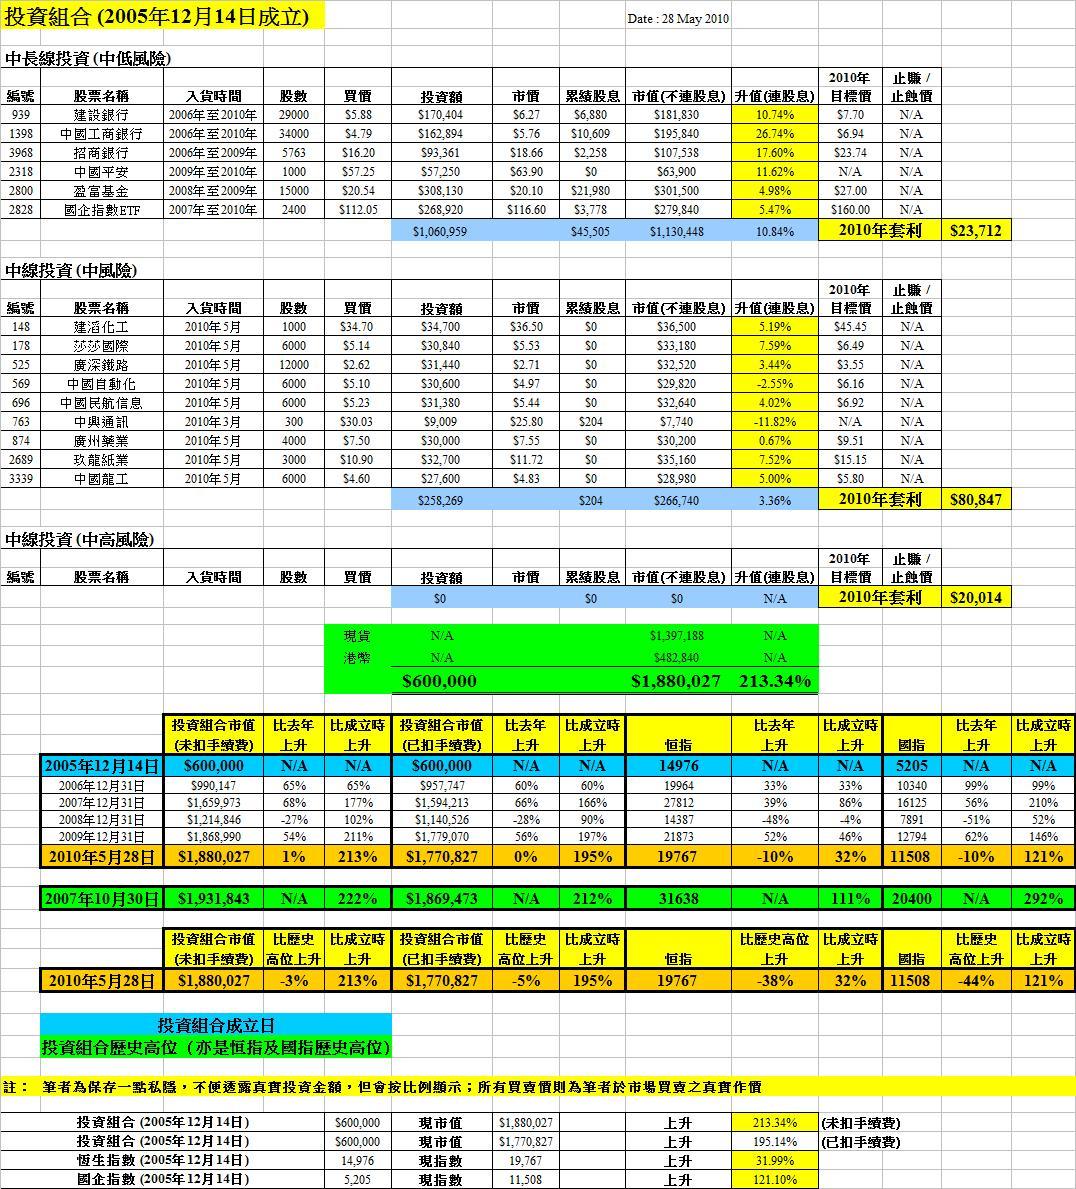 紅猴 redMONKEY: 29 May 2010 - 最新大市分析及投資組合變動